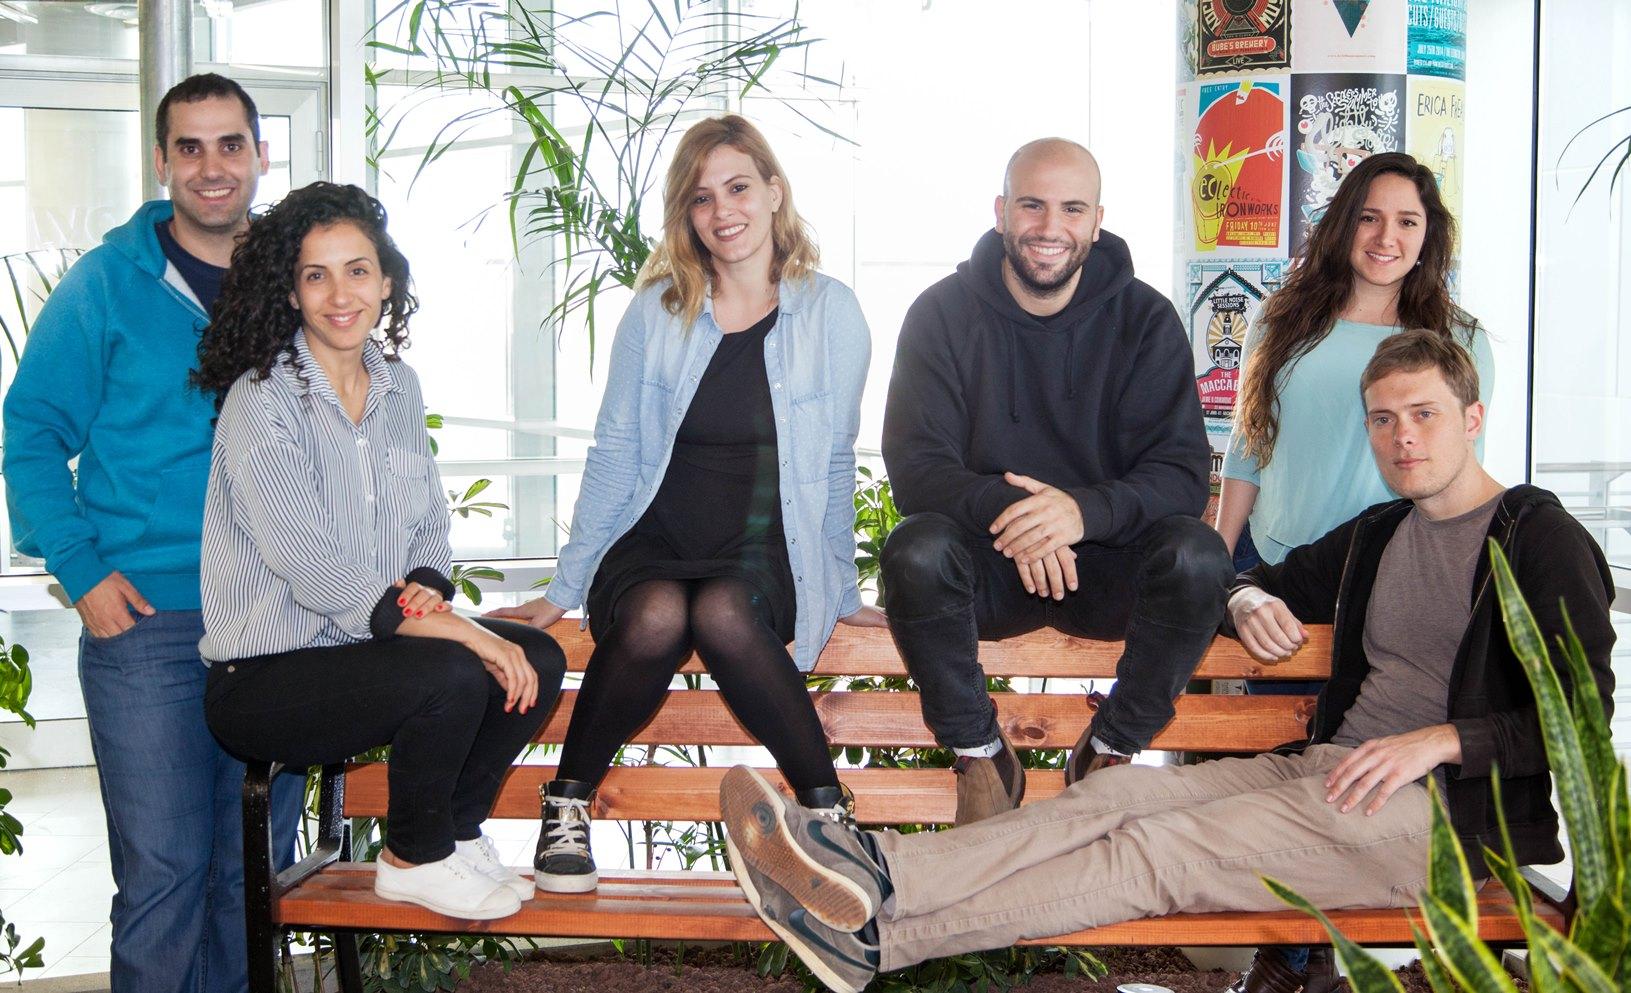 The Moovit team in Tel Aviv. Photo: courtesy